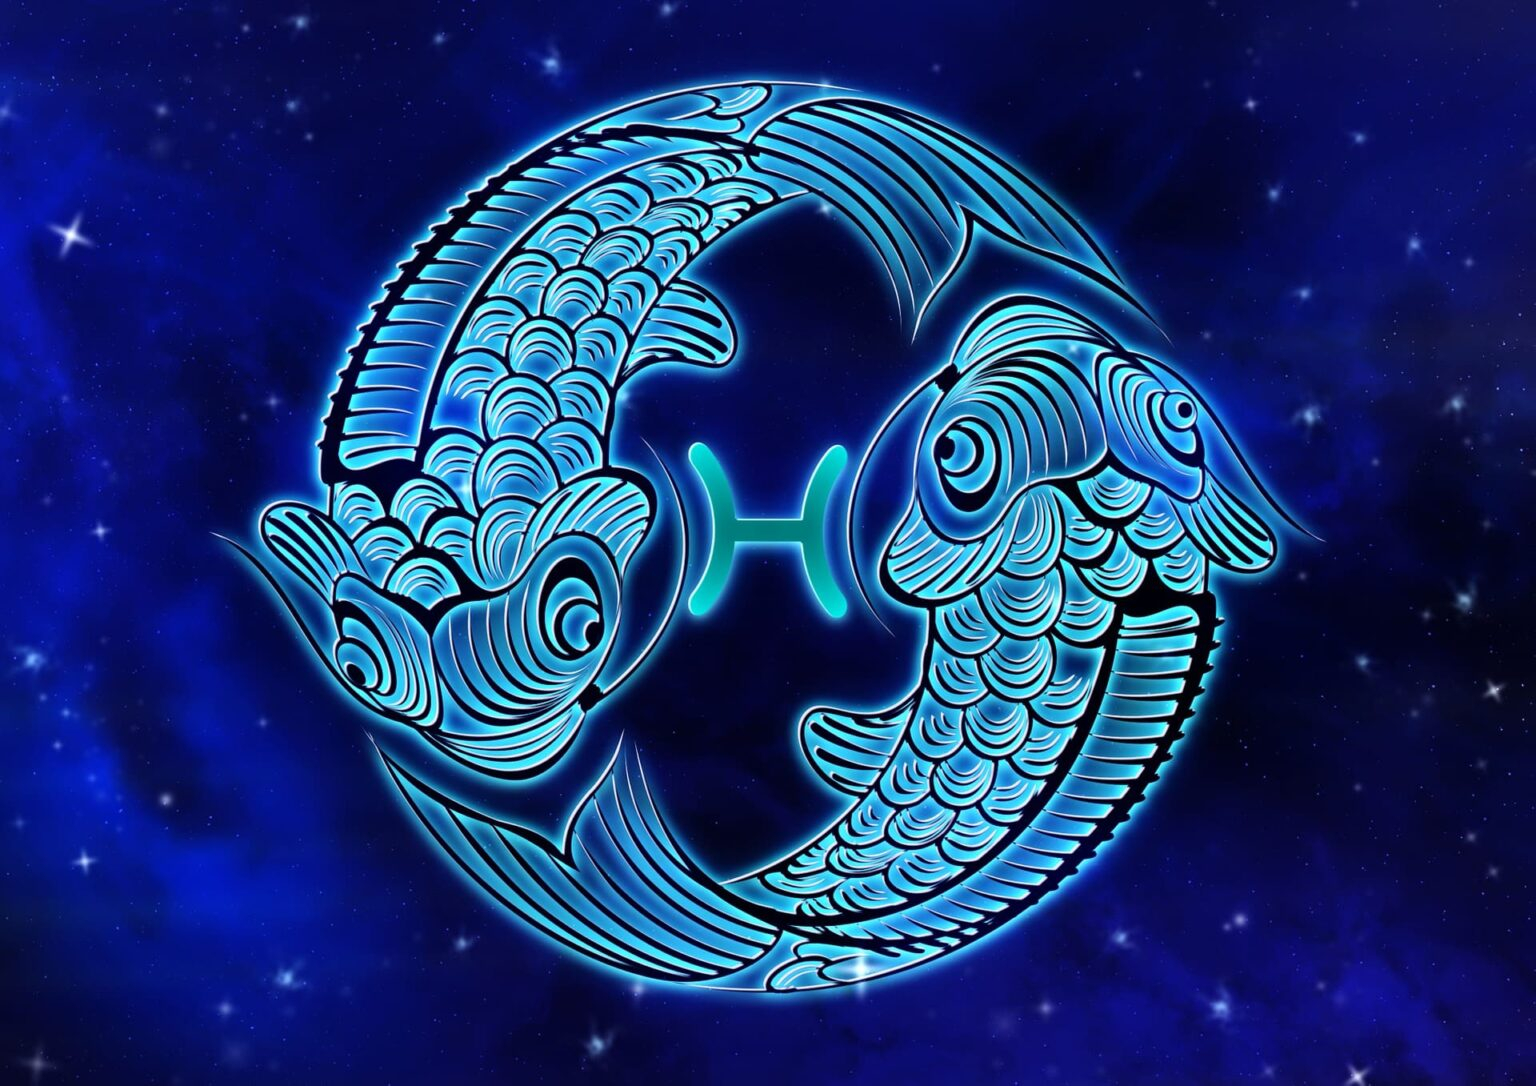 дар как картинки знаков зодиака красивые прикольные этого восторге повышенное